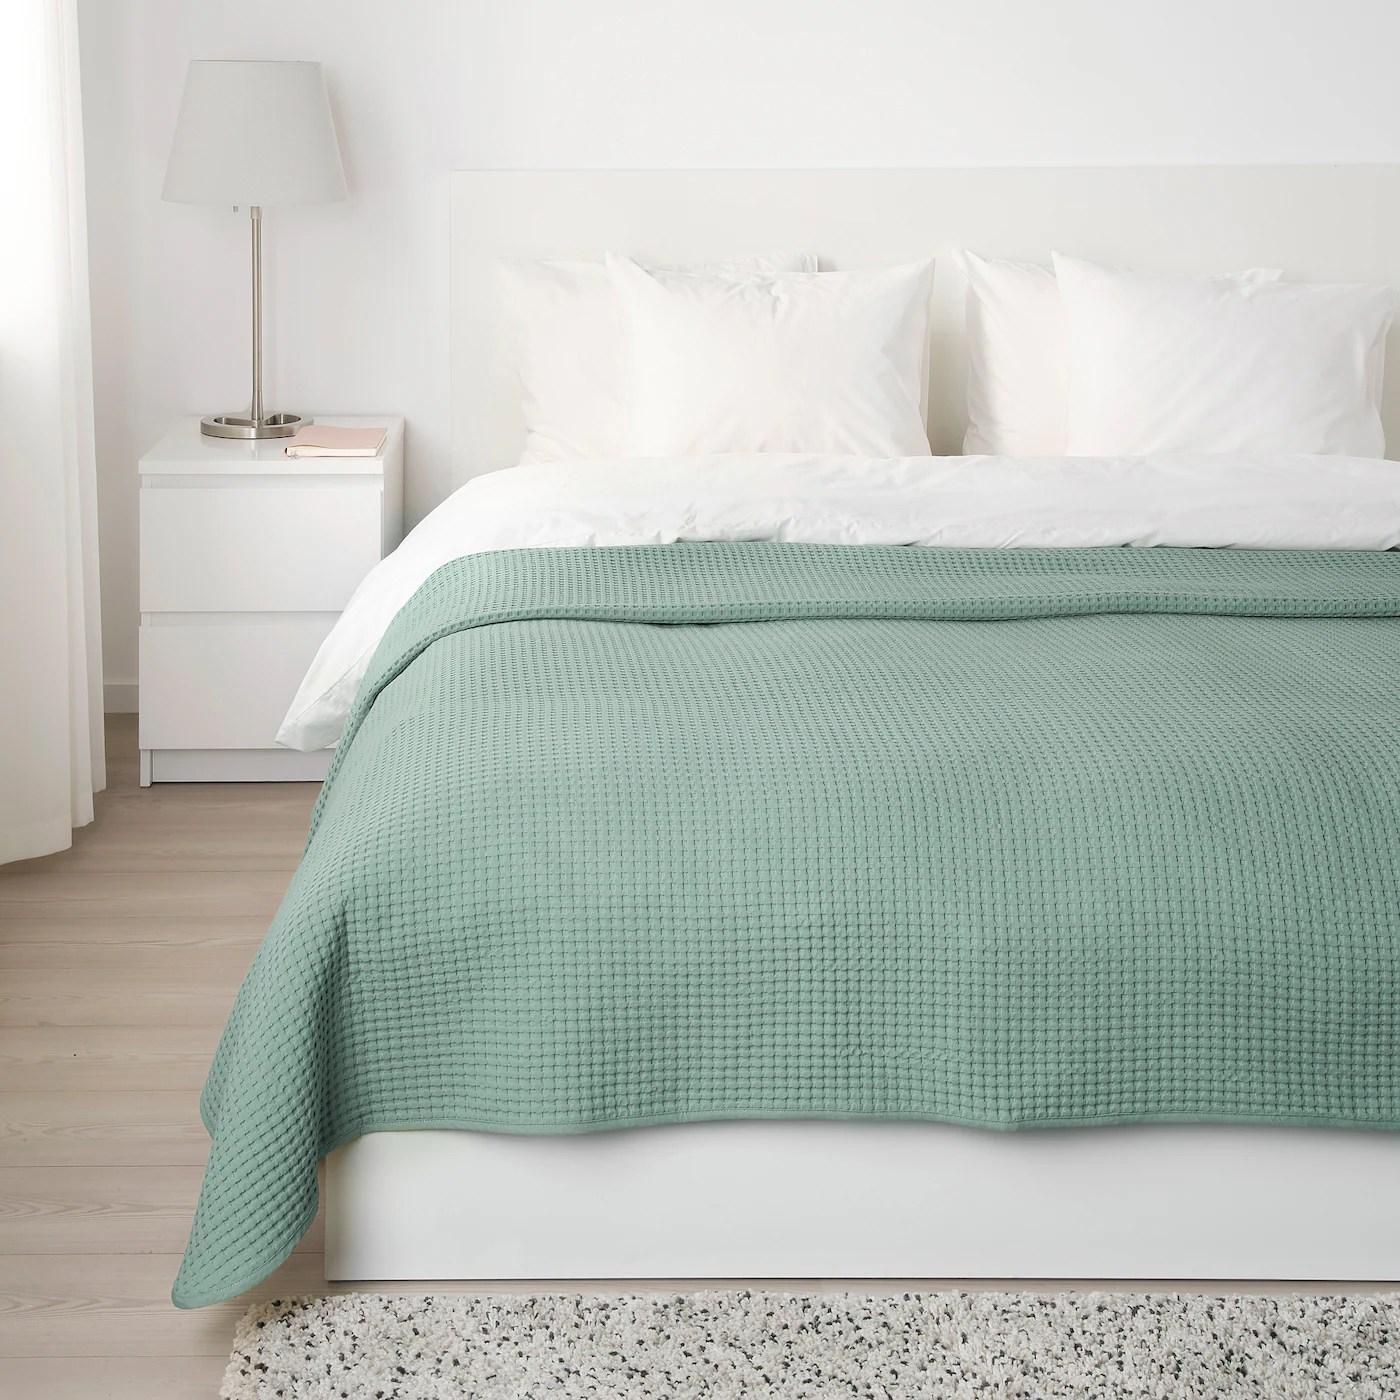 vareld couvre lit gris vert clair 230x250 cm